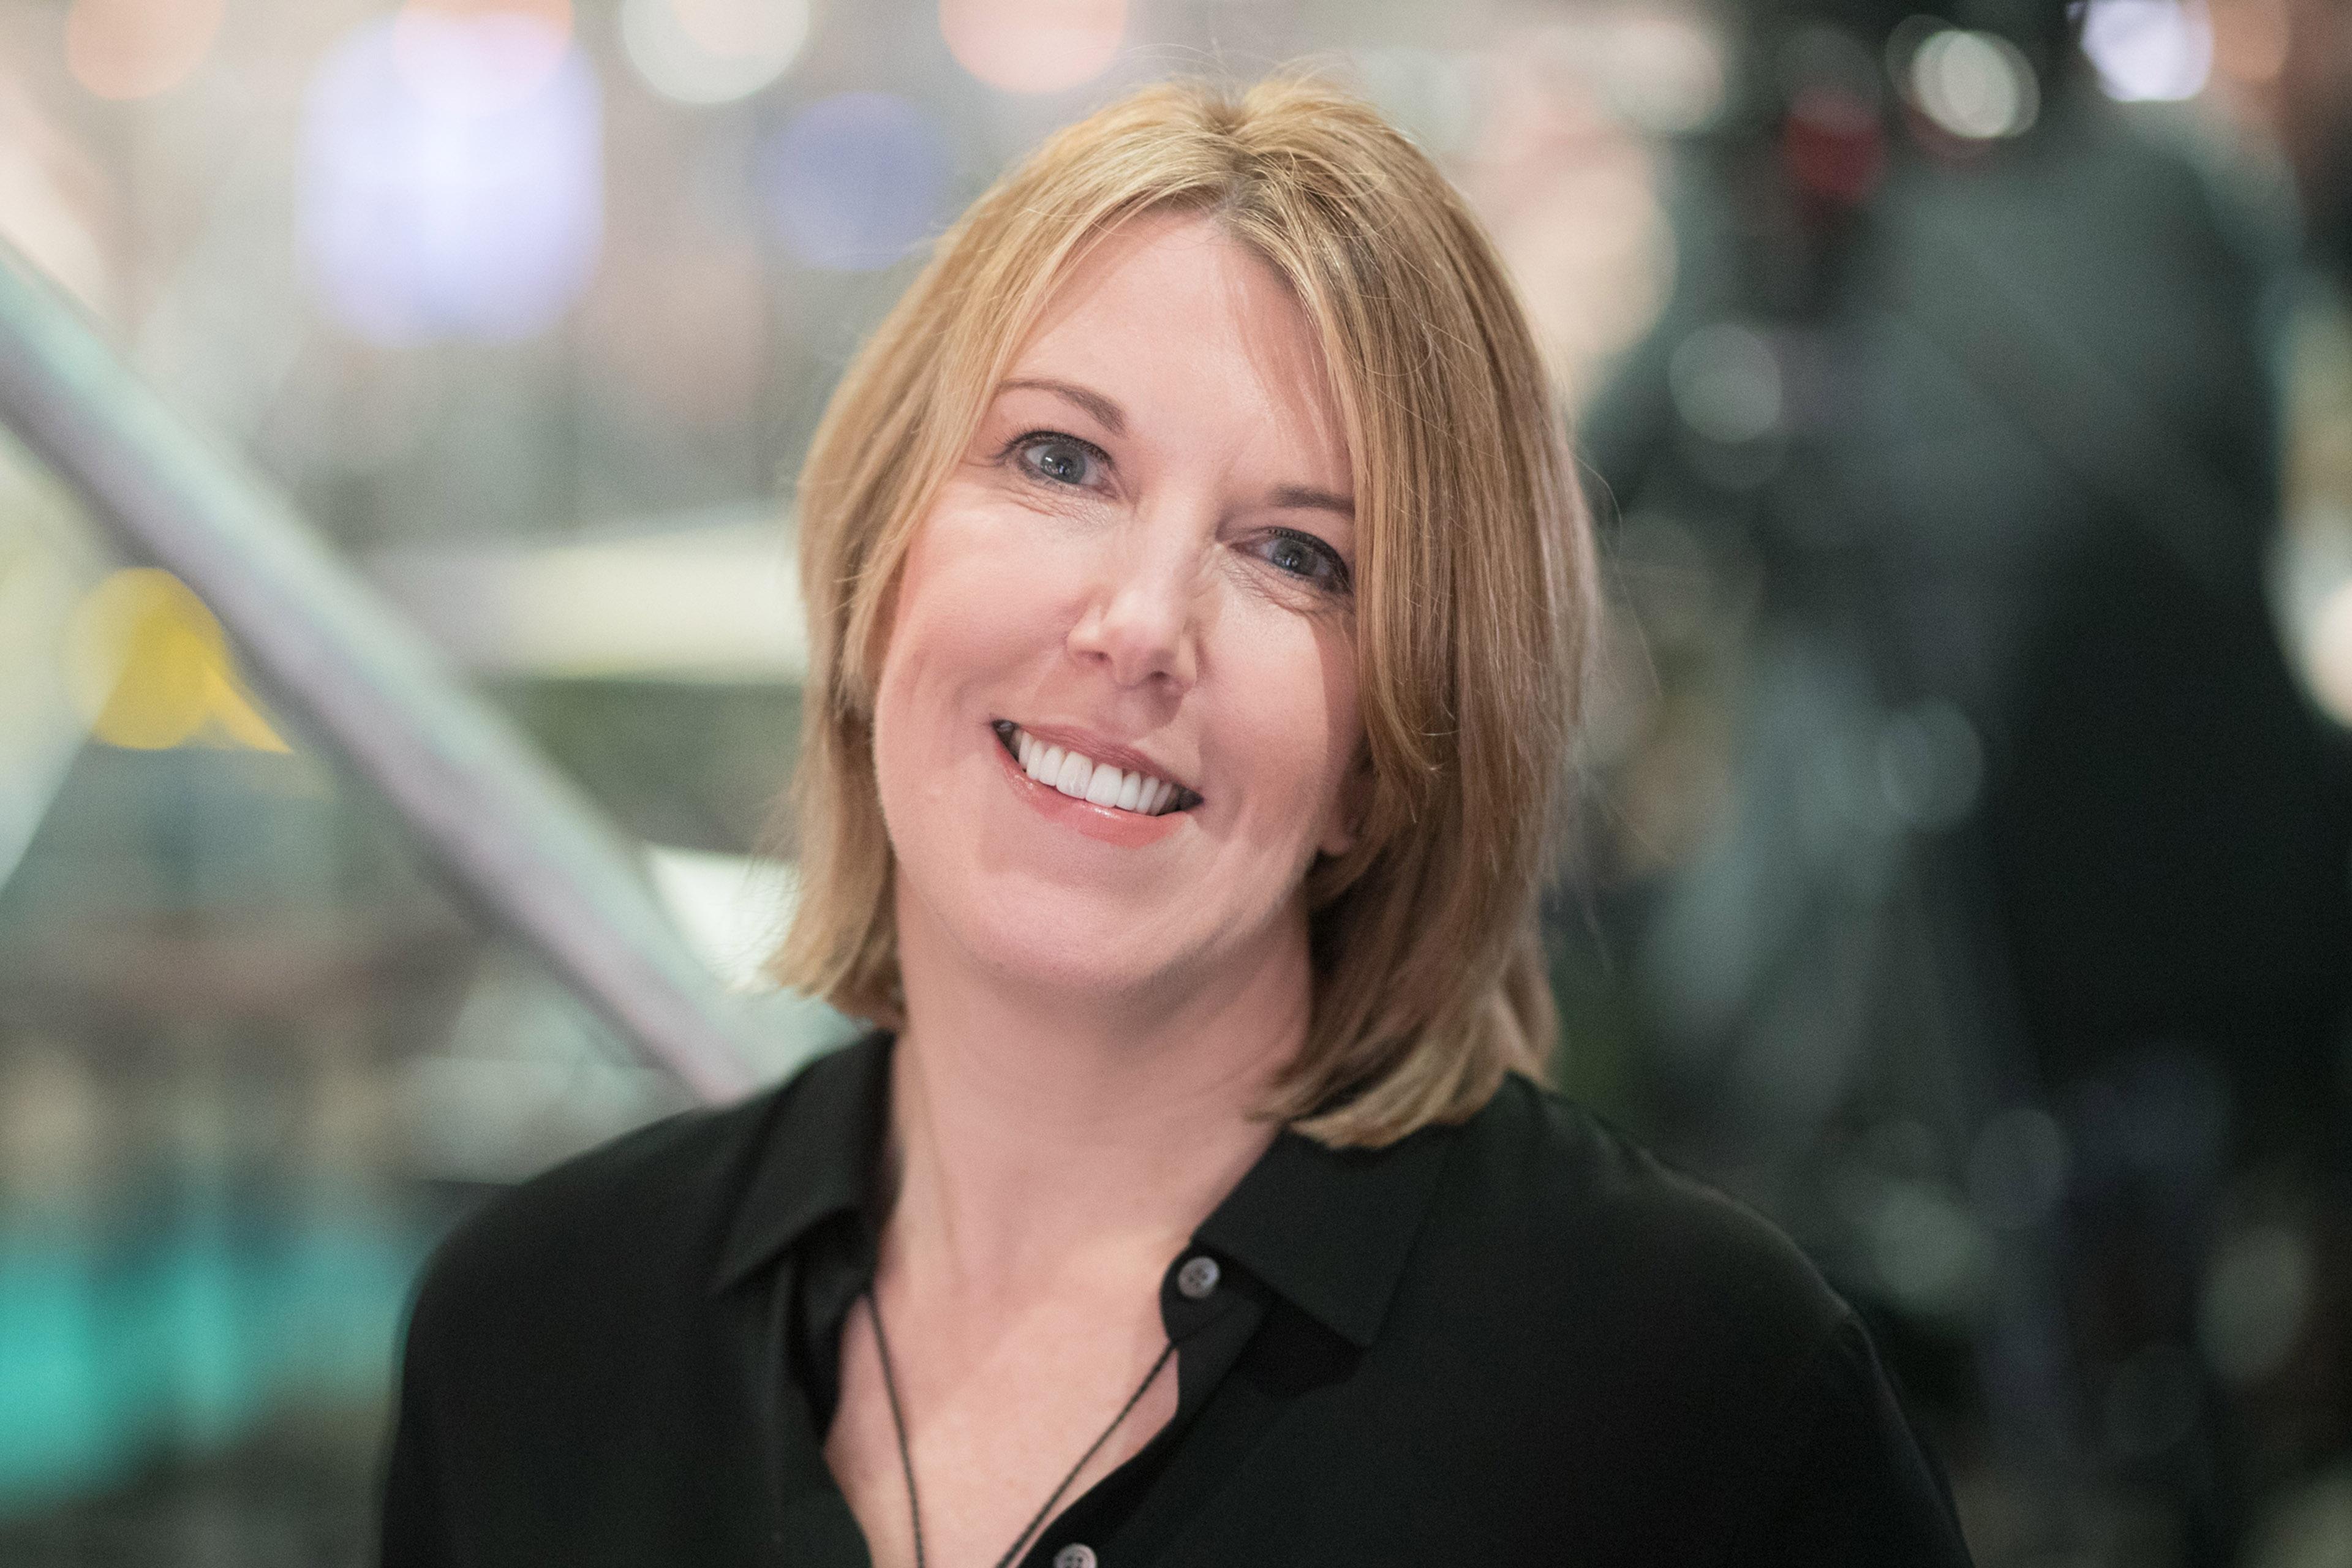 Alison Kaye